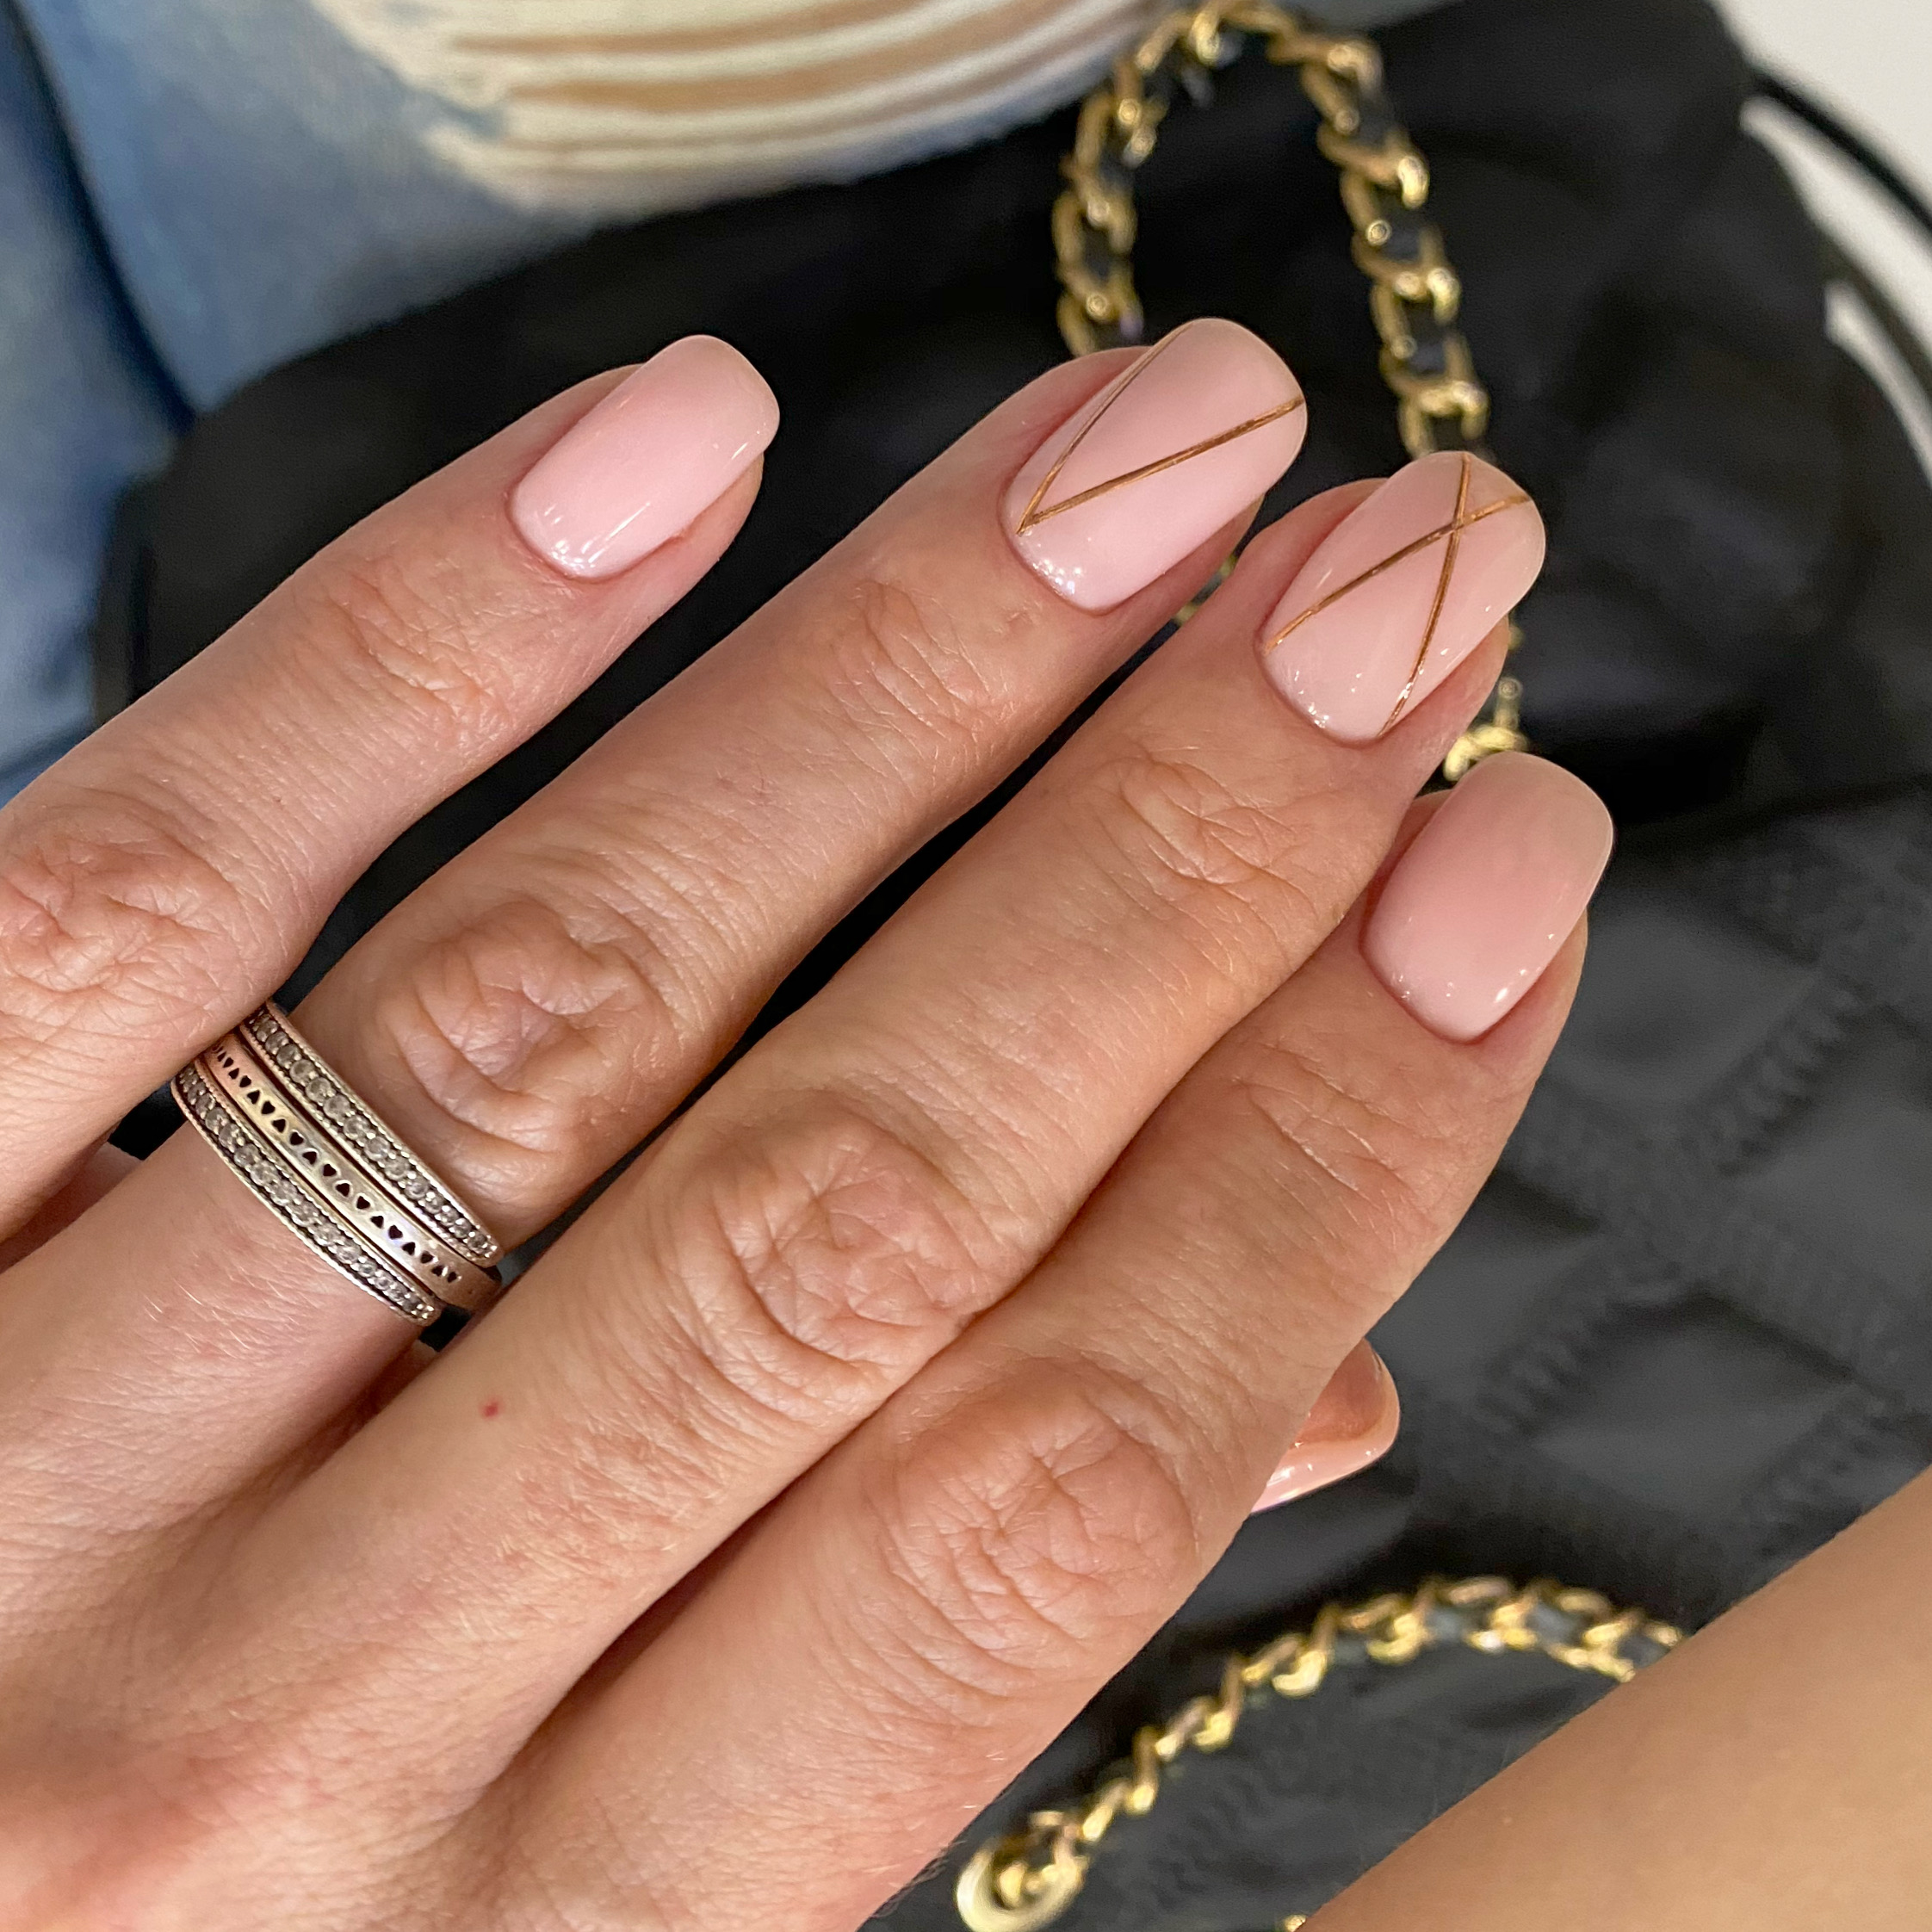 Маникюр с золотыми полосками в розовом цвете на короткие ногти.